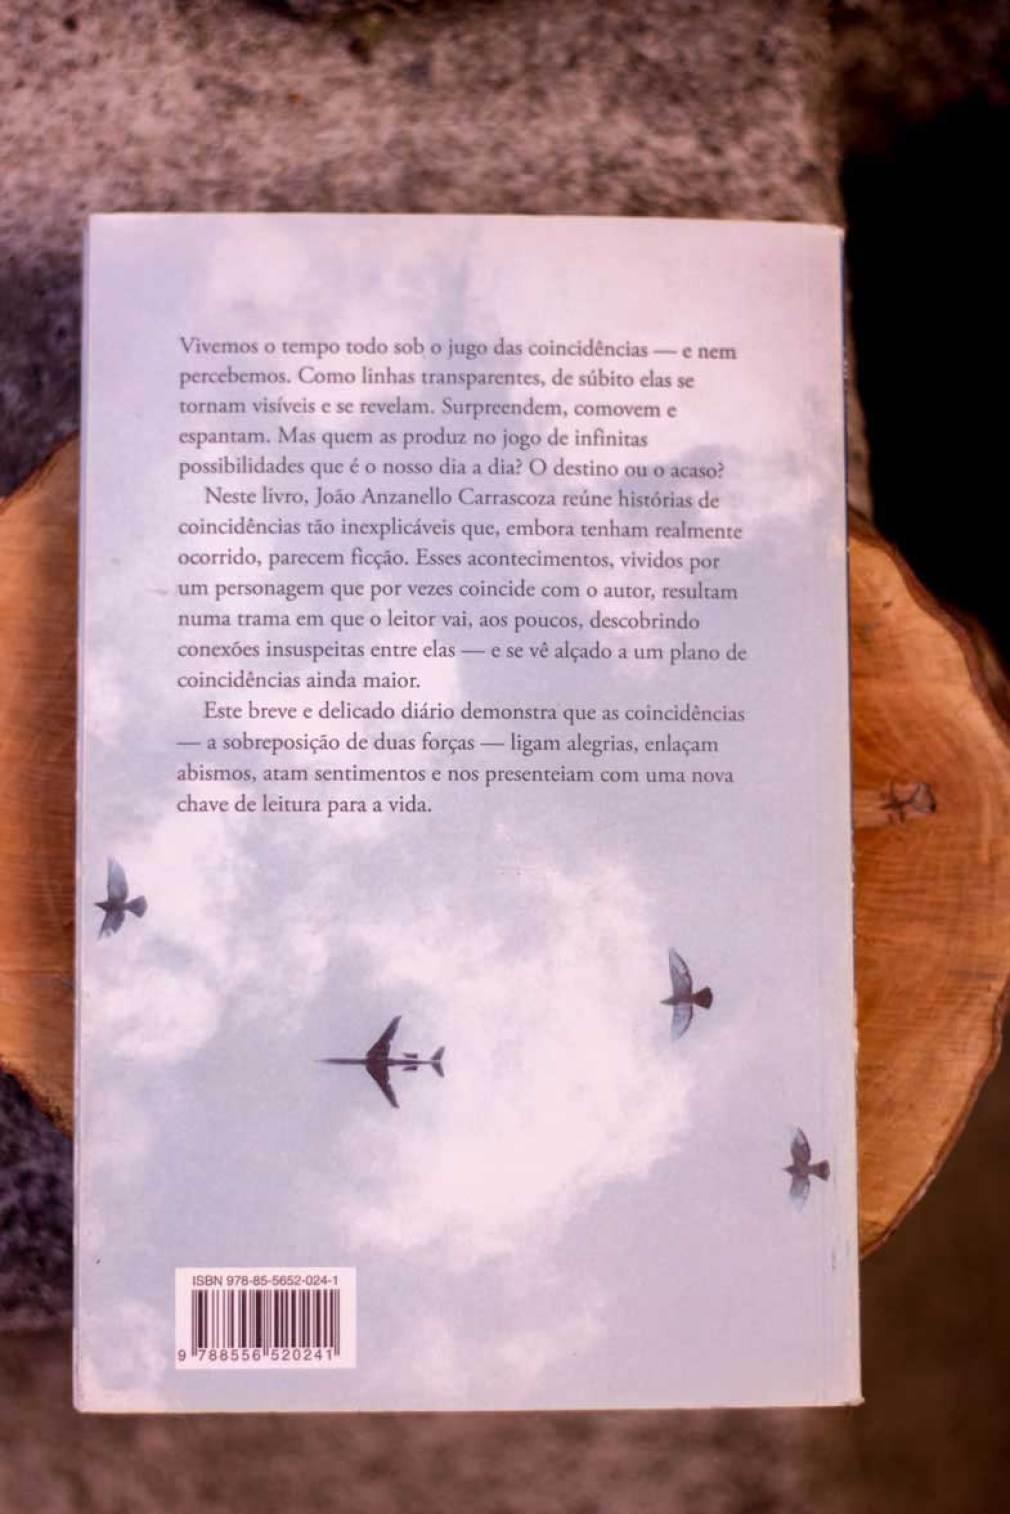 Segunda capa de Diário das Coincidências